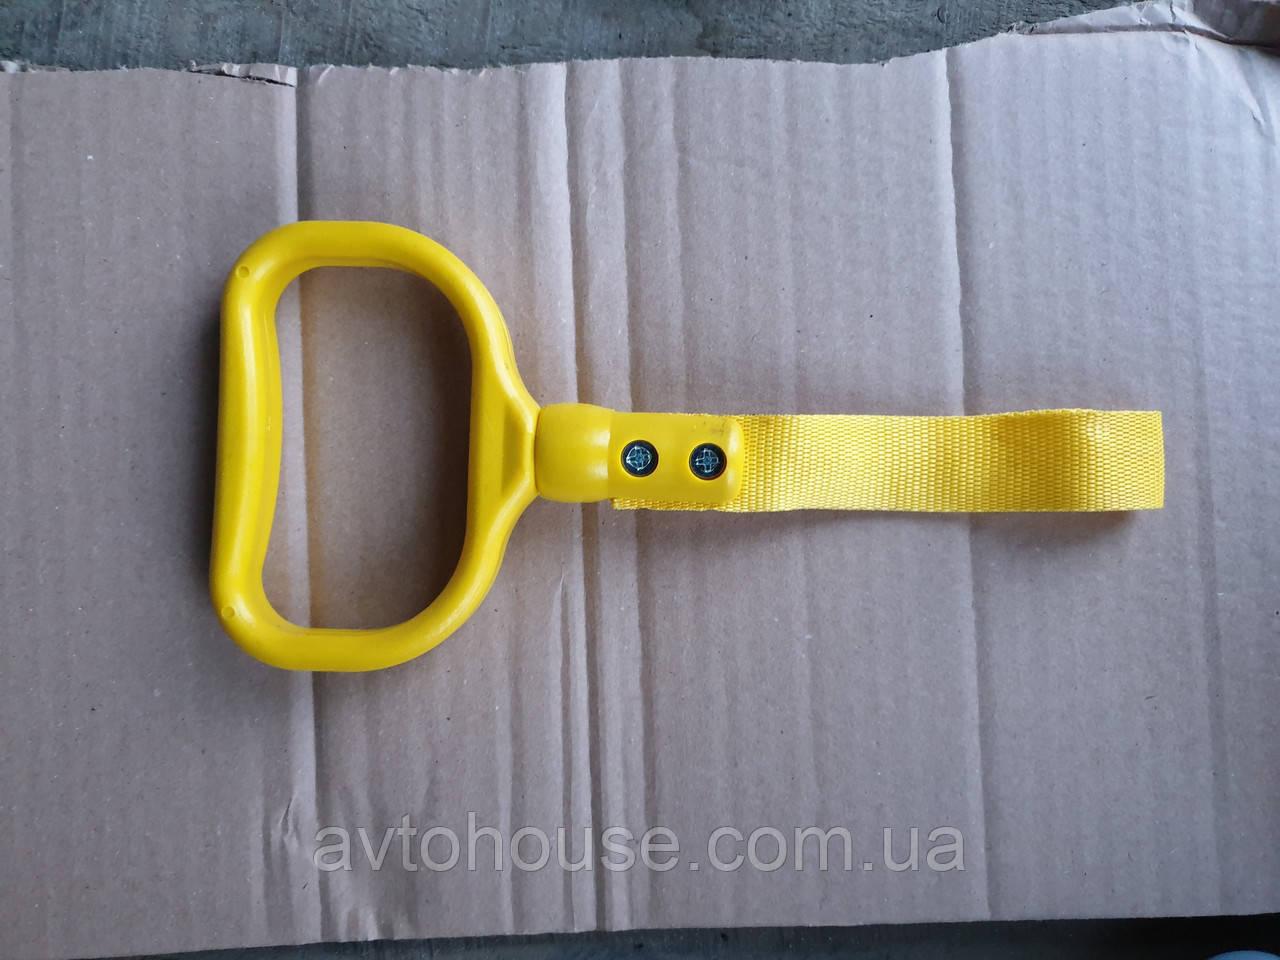 Ручки автобусів сіра і жовта